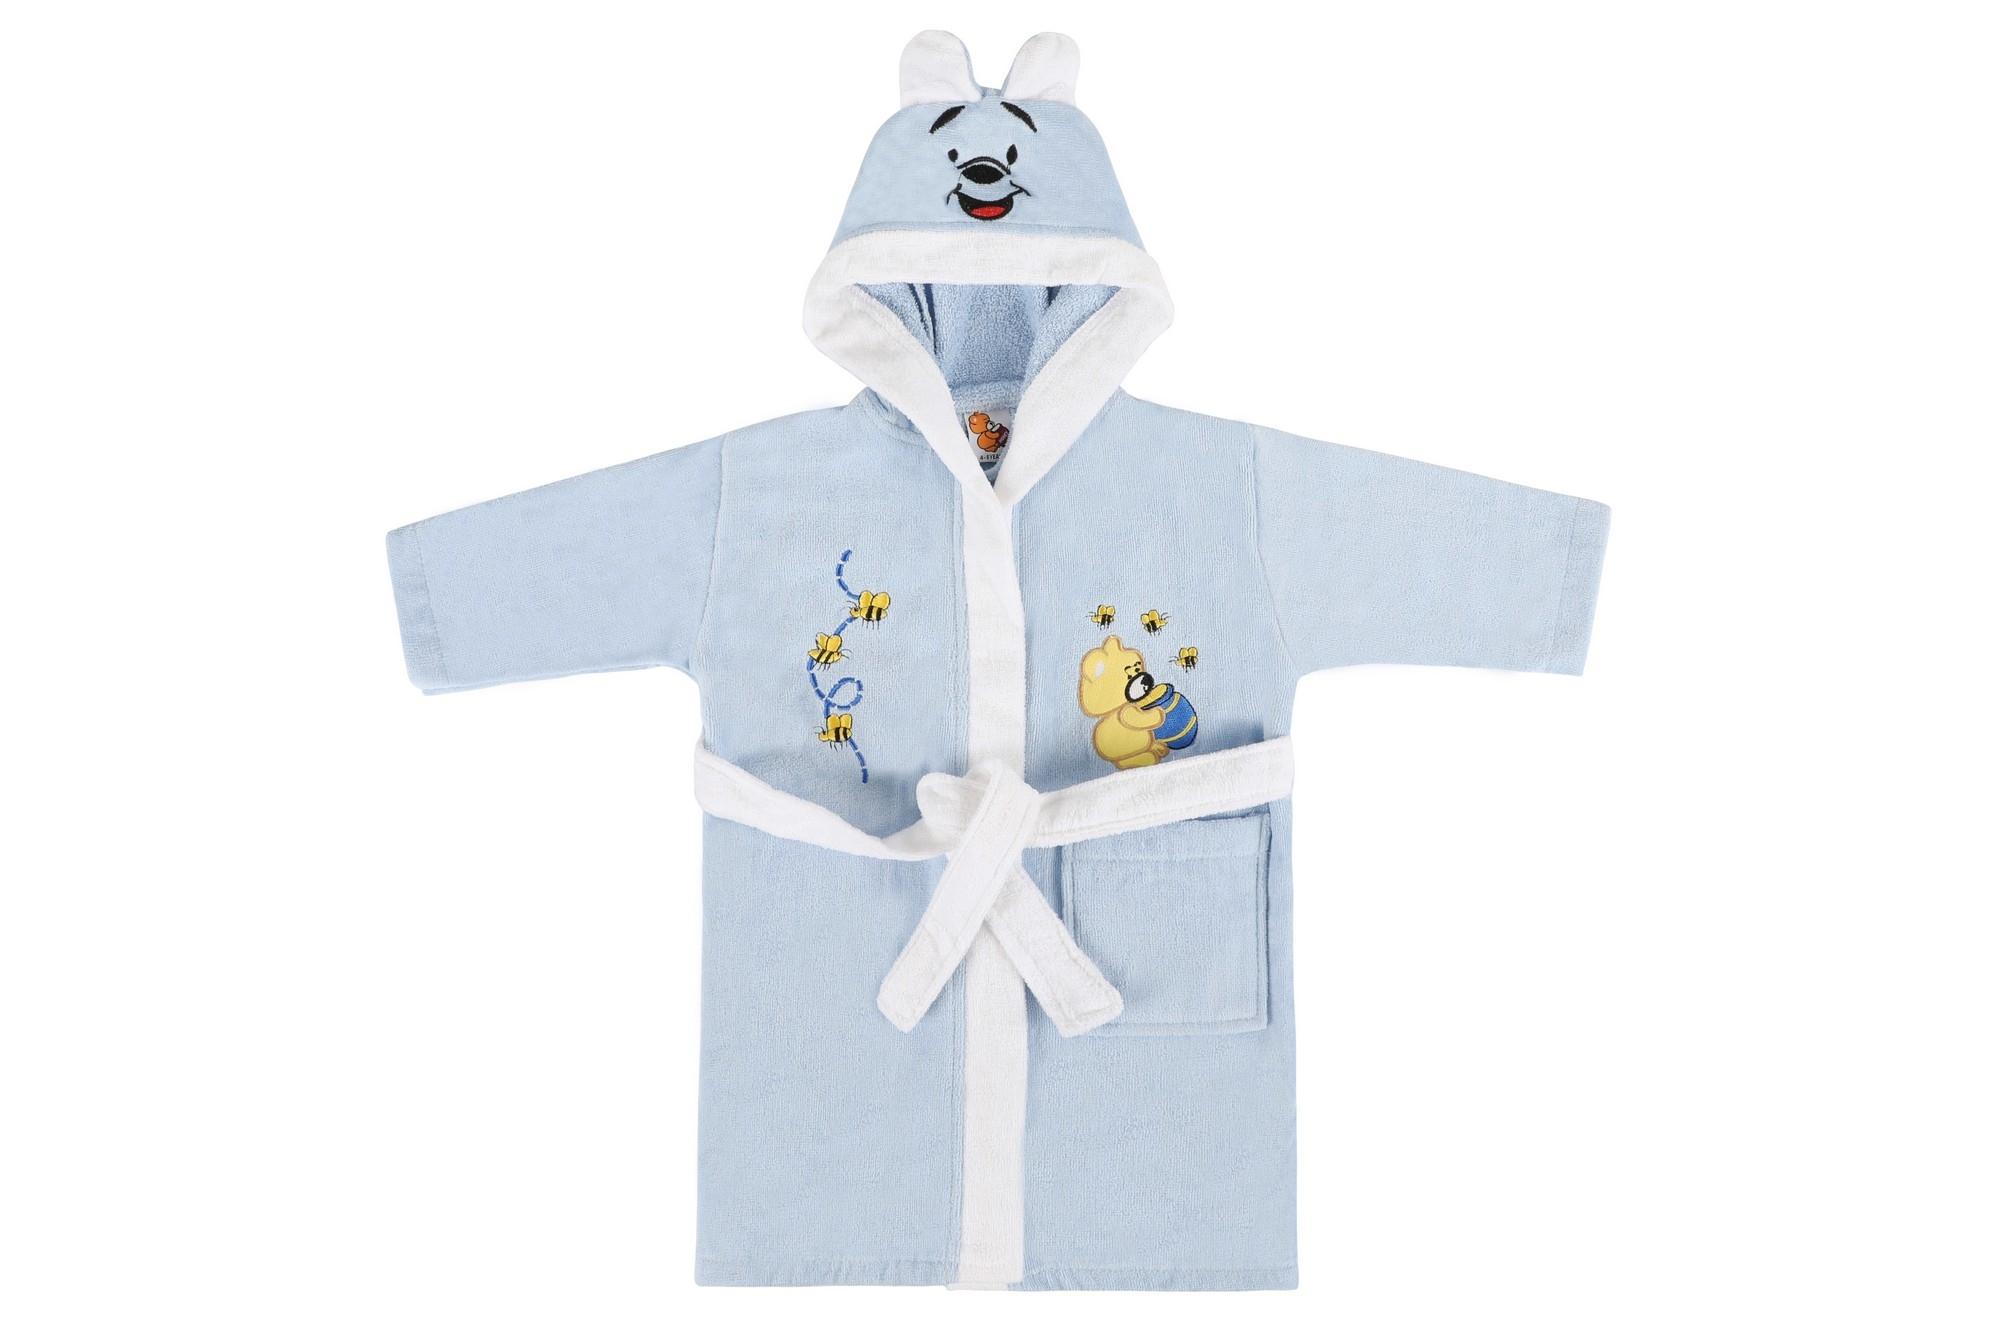 Halat de baie pentru copii, din bumbac, Bear Albastru, 6 / 7 ani imagine